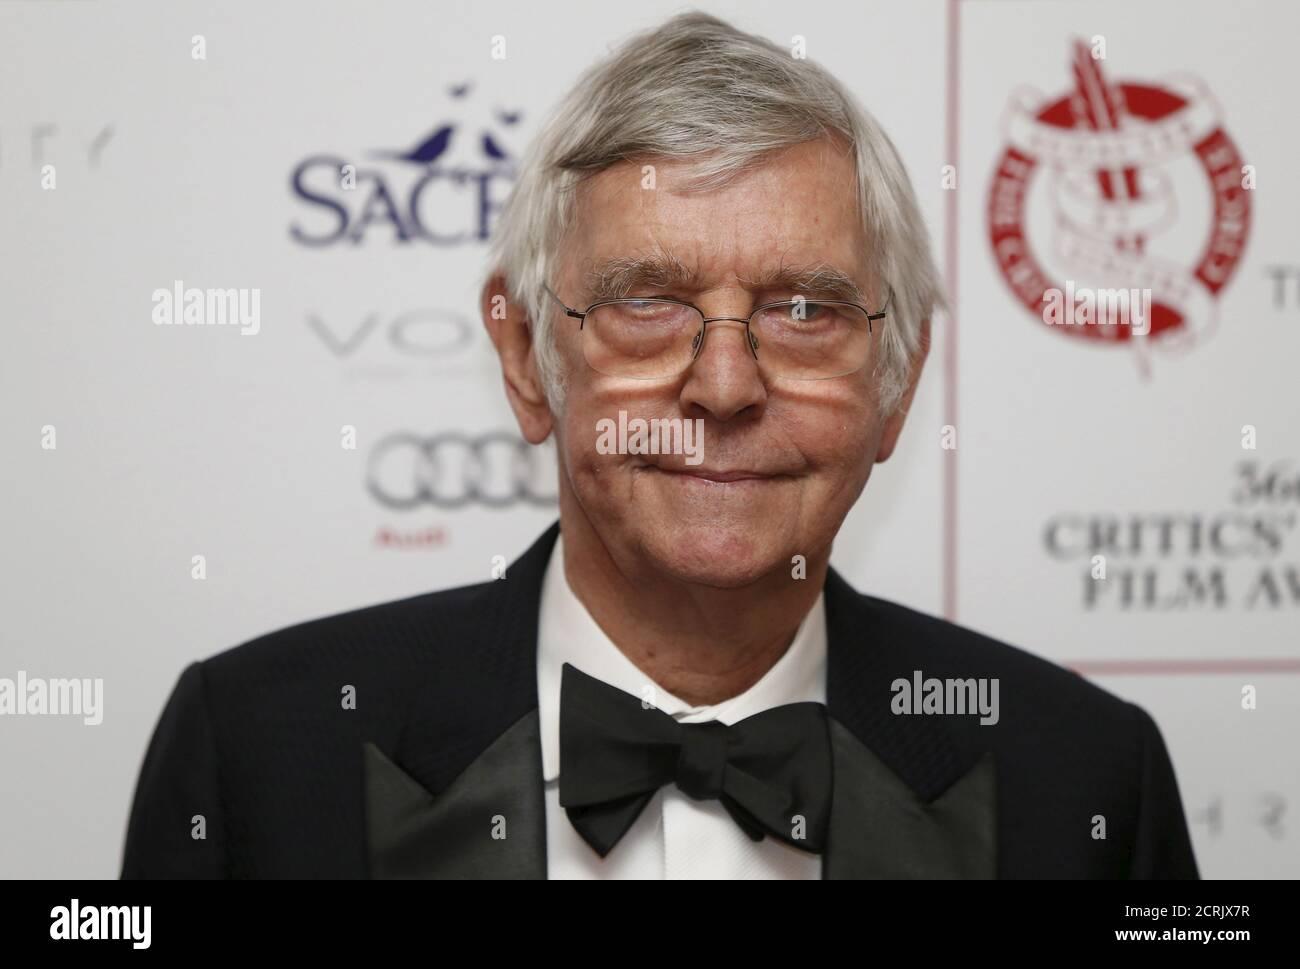 L'acteur britannique Tom Courtenay pose pour les photographes à la 36e édition des London Criticss' Circle film Awards à Londres, en Grande-Bretagne, le 17 janvier 2016. REUTERS/Neil Hall Banque D'Images